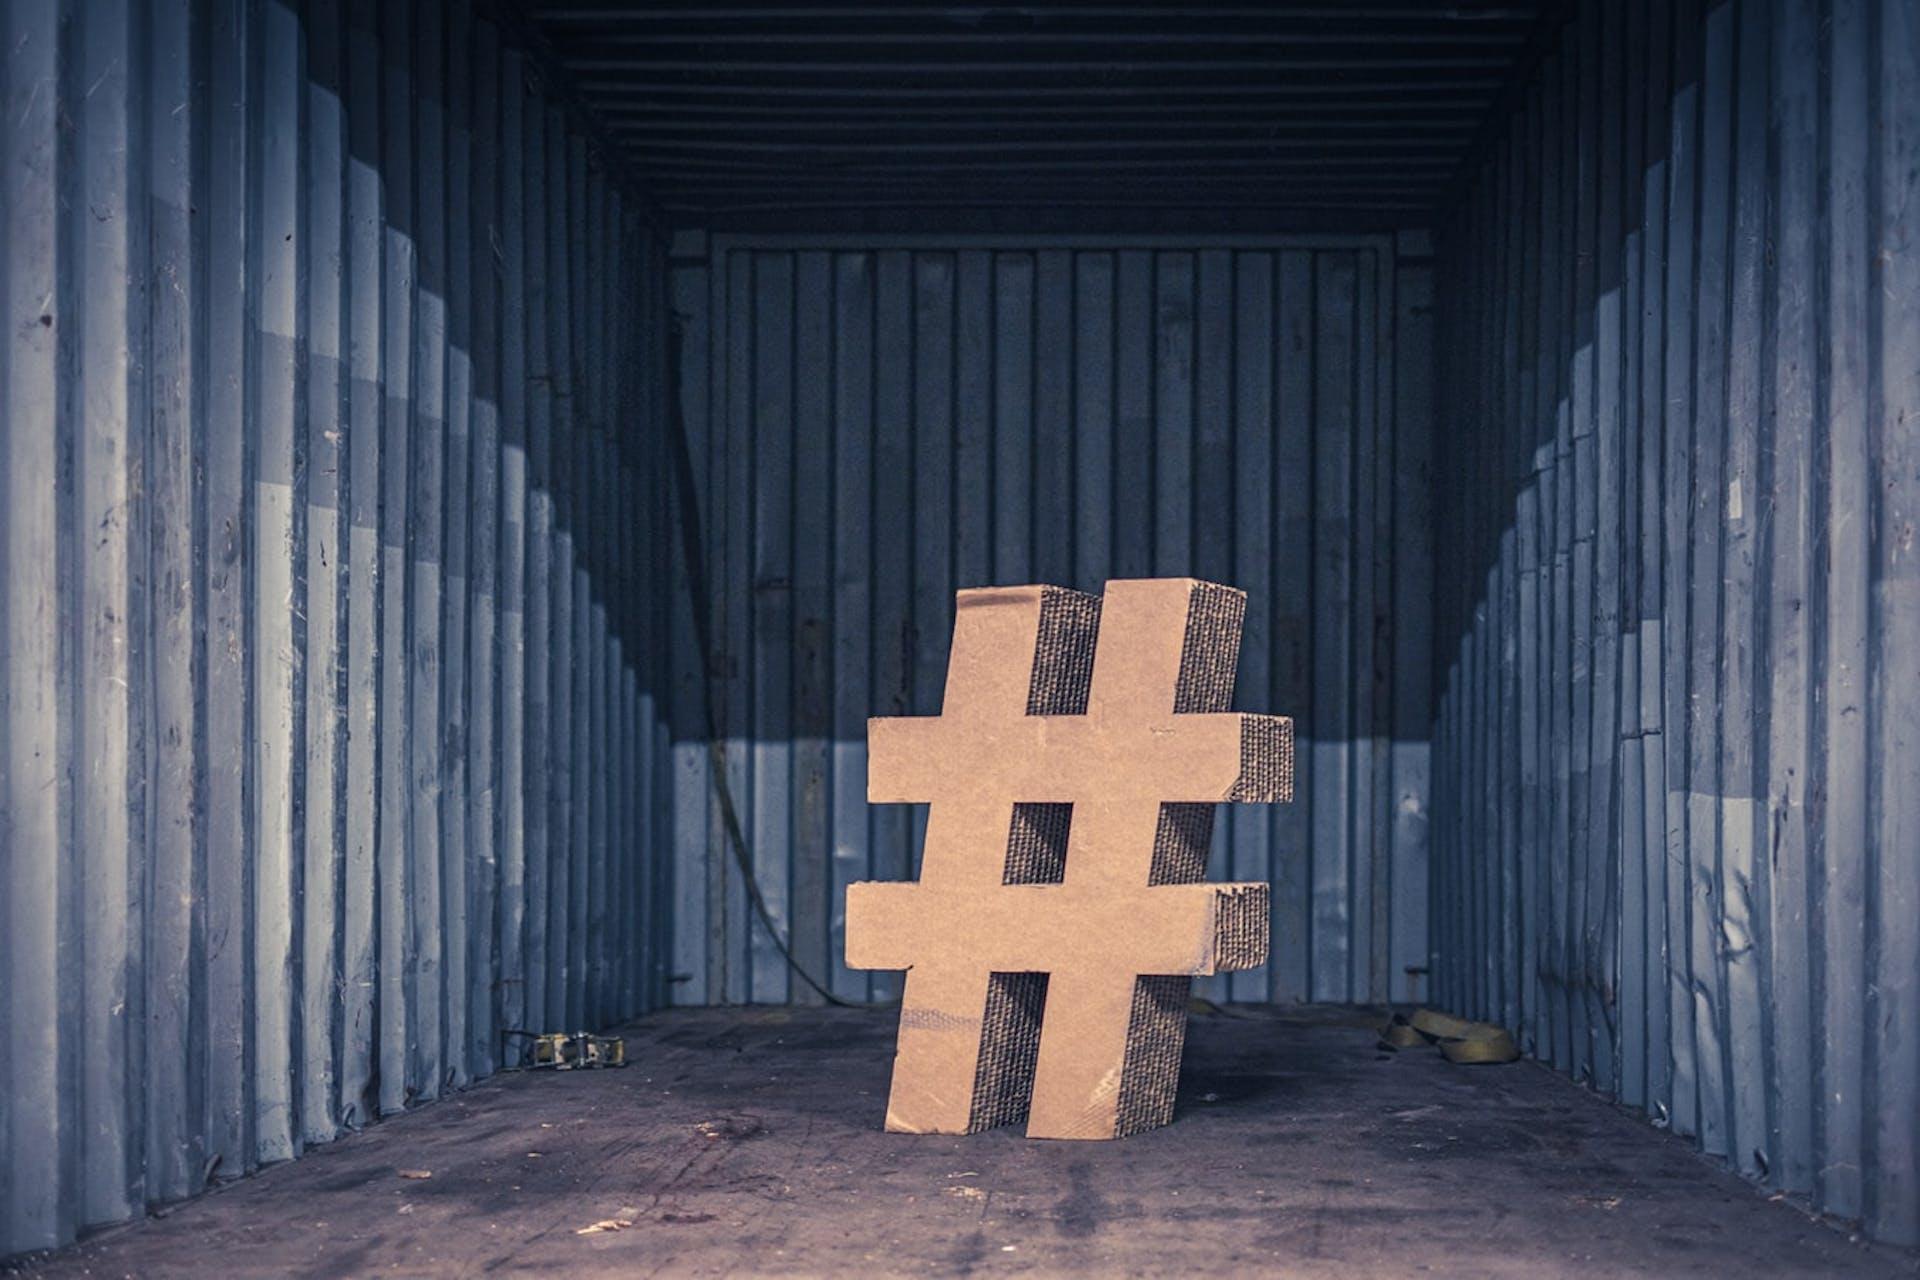 hashtags on social